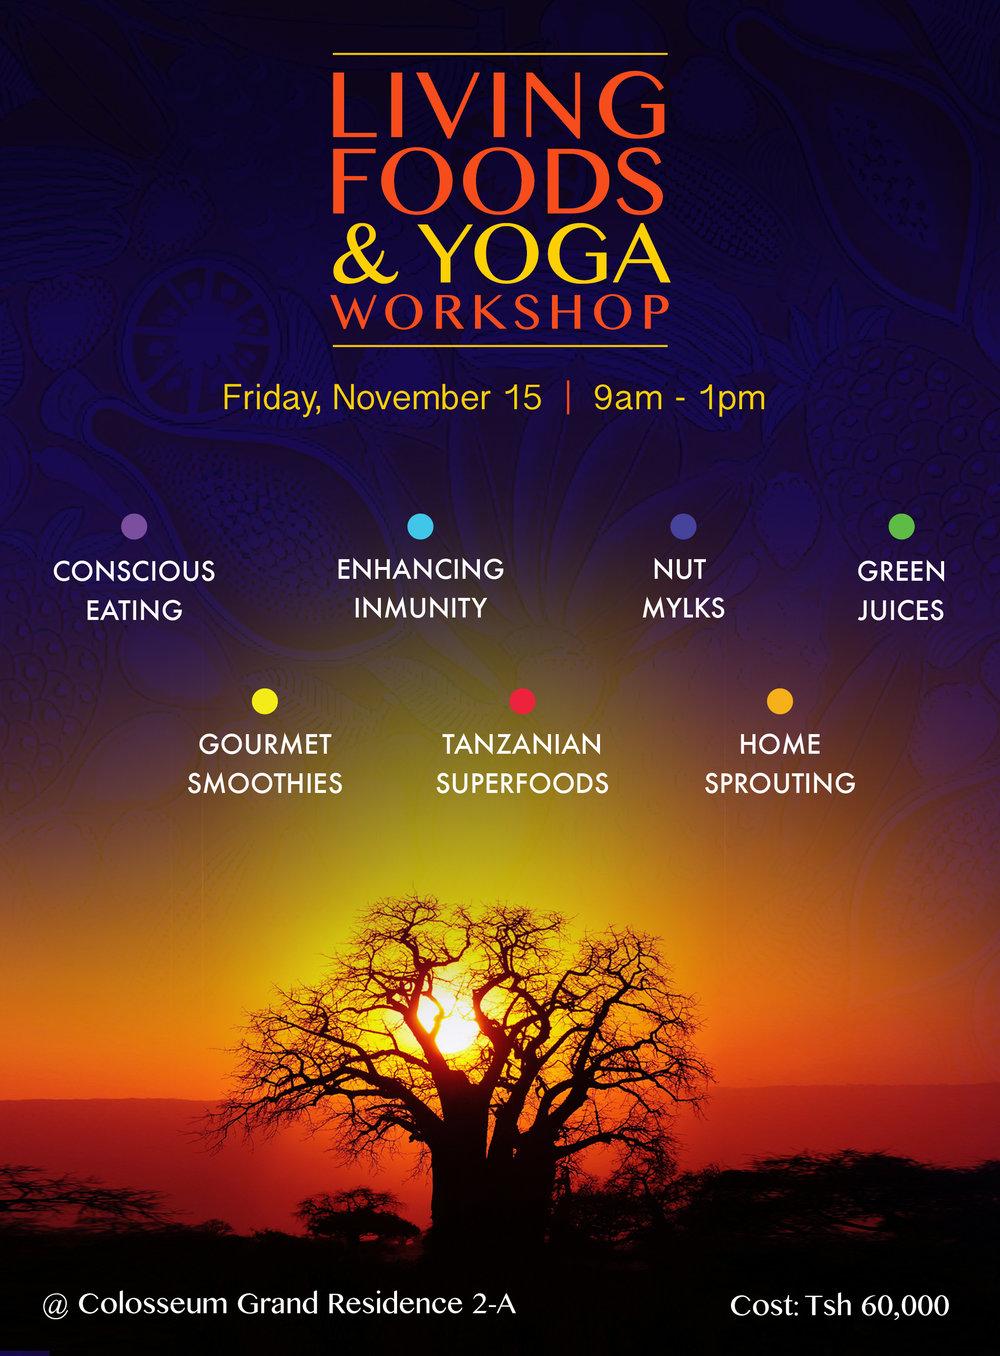 LivingFoods.Yoga.jpg